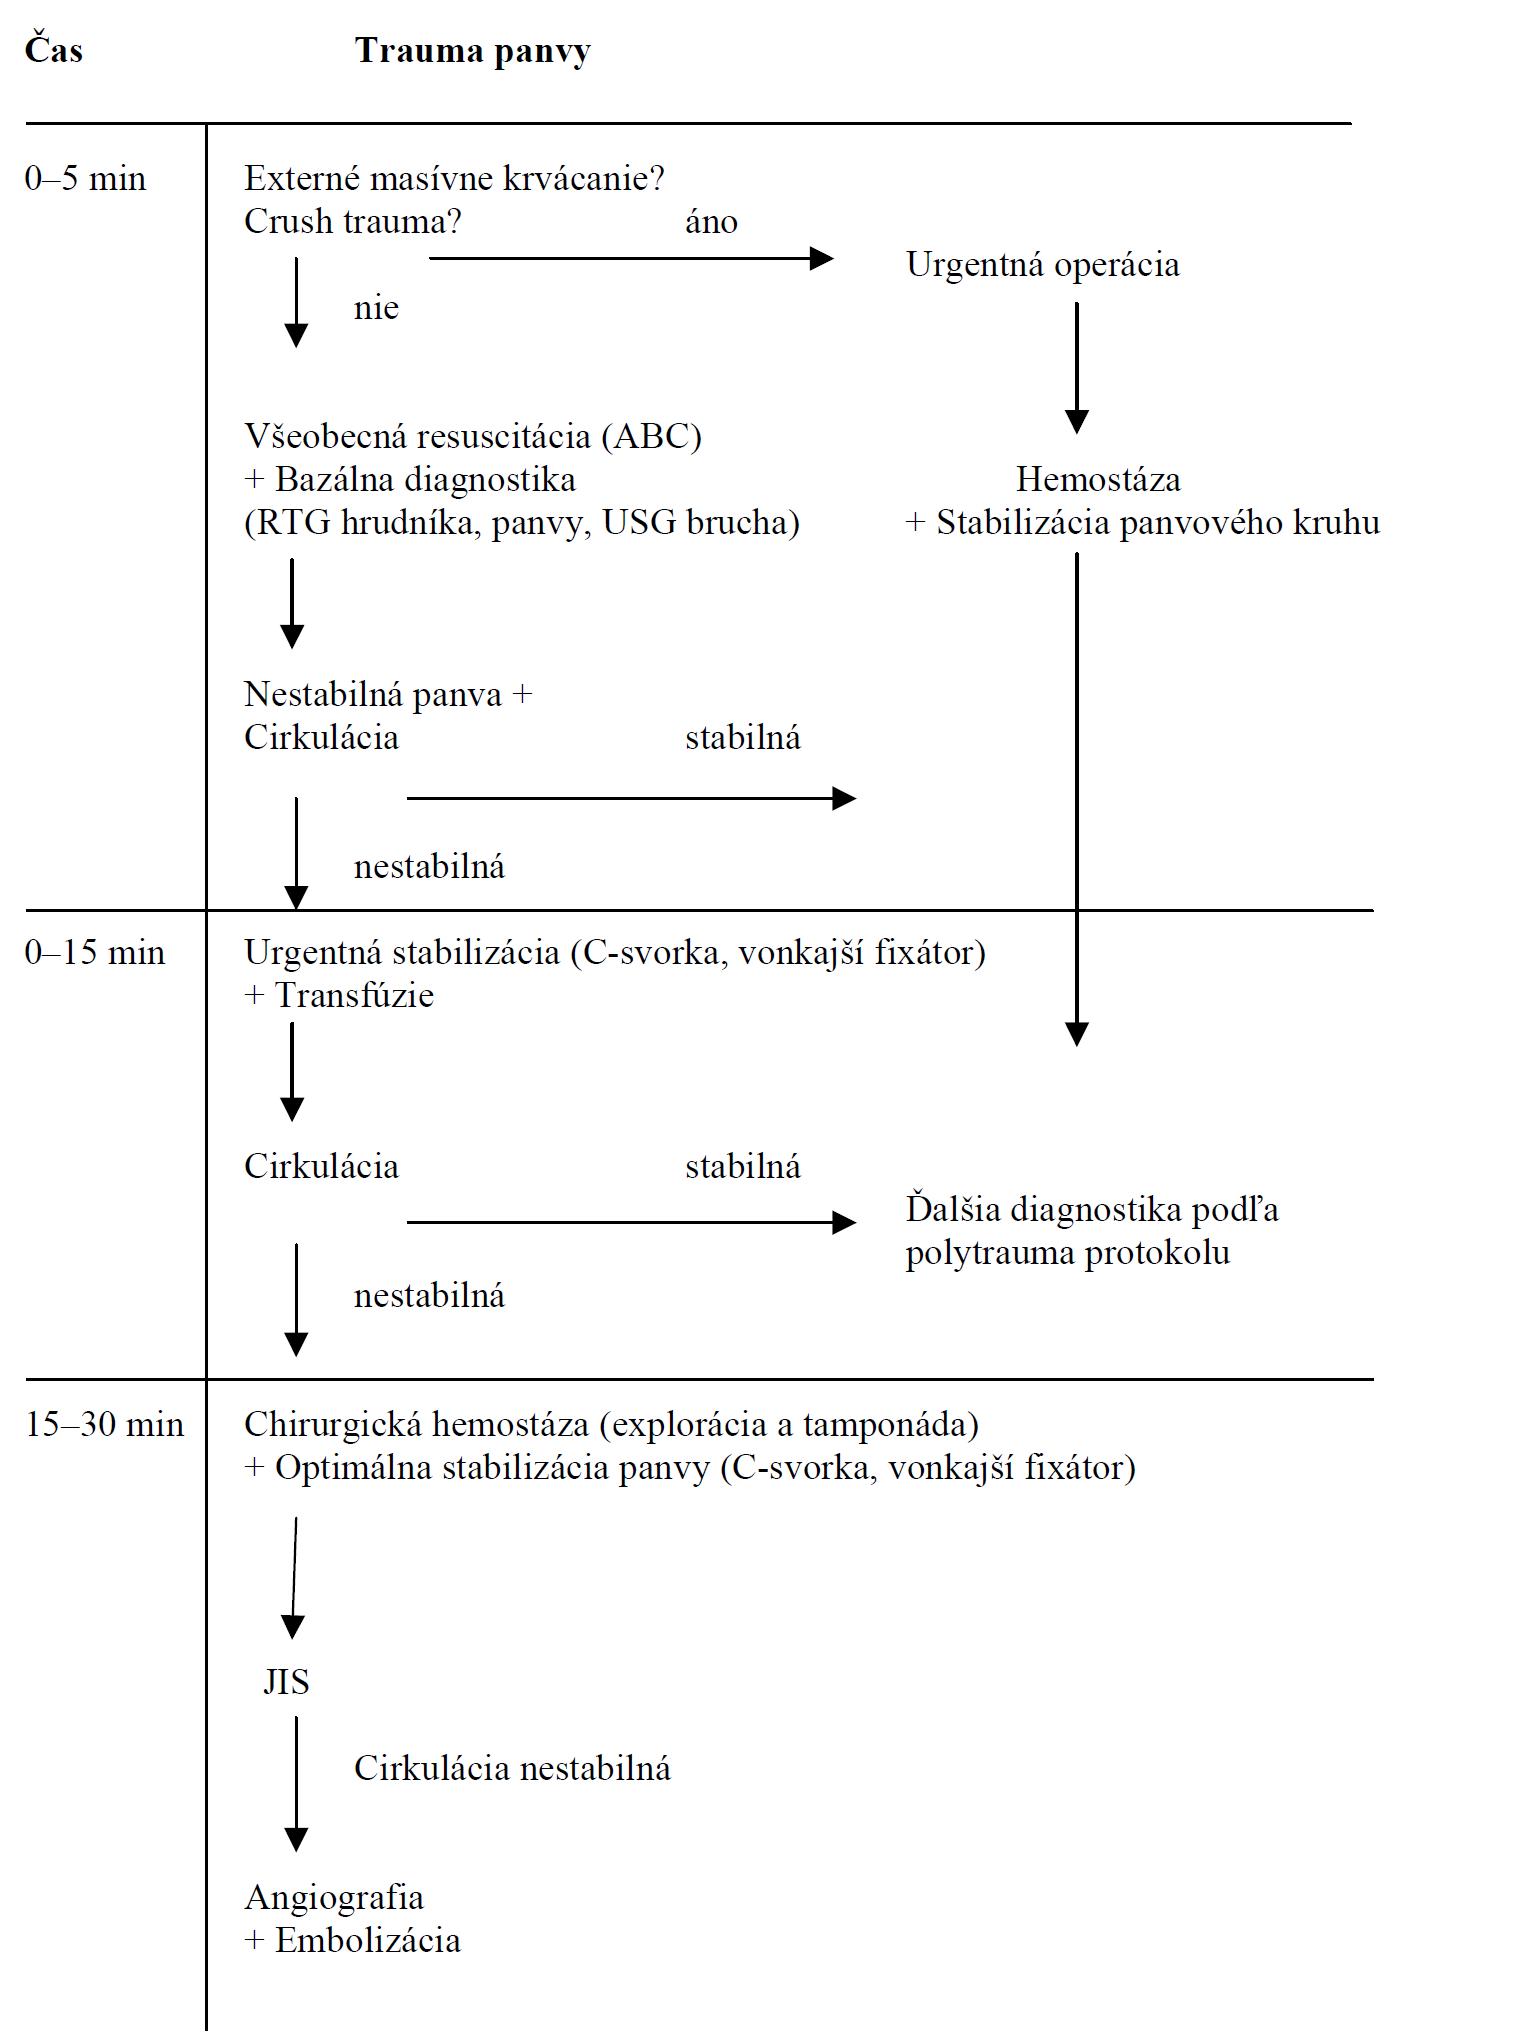 Algoritmus rozhodovania a primárnych opatrení pri krvácaní doprevádzajúcom nestabilné poranenie panvy (volne podľa Pohlemanna a spol. [24])